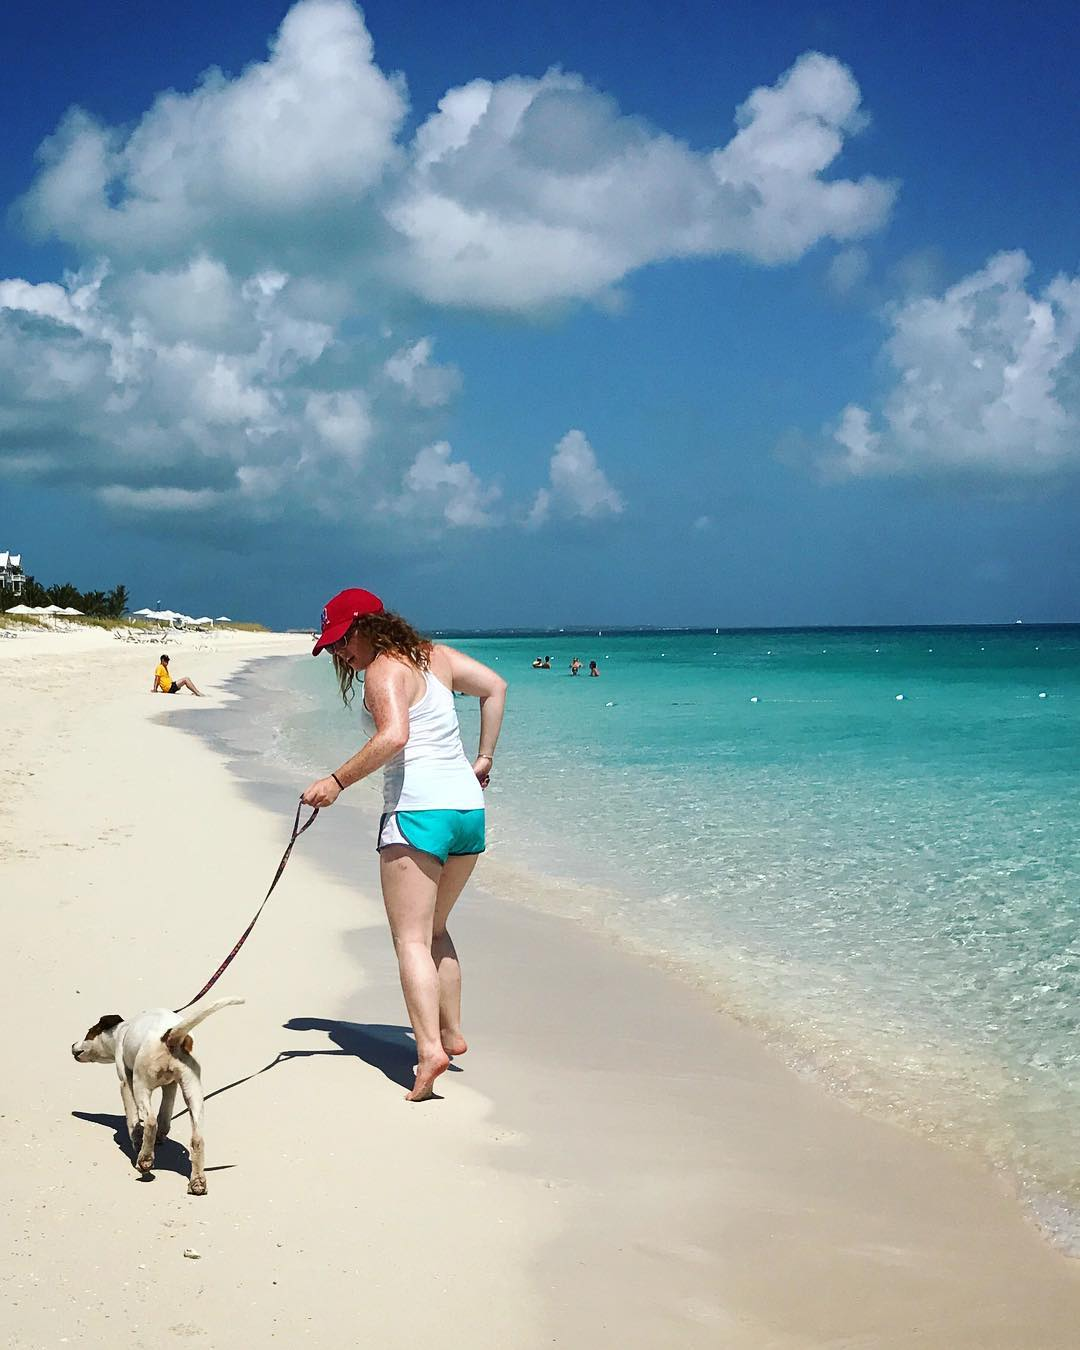 Para Los Todas Isla Que Cachorros Aman La A Es Esta Las jq534RAL